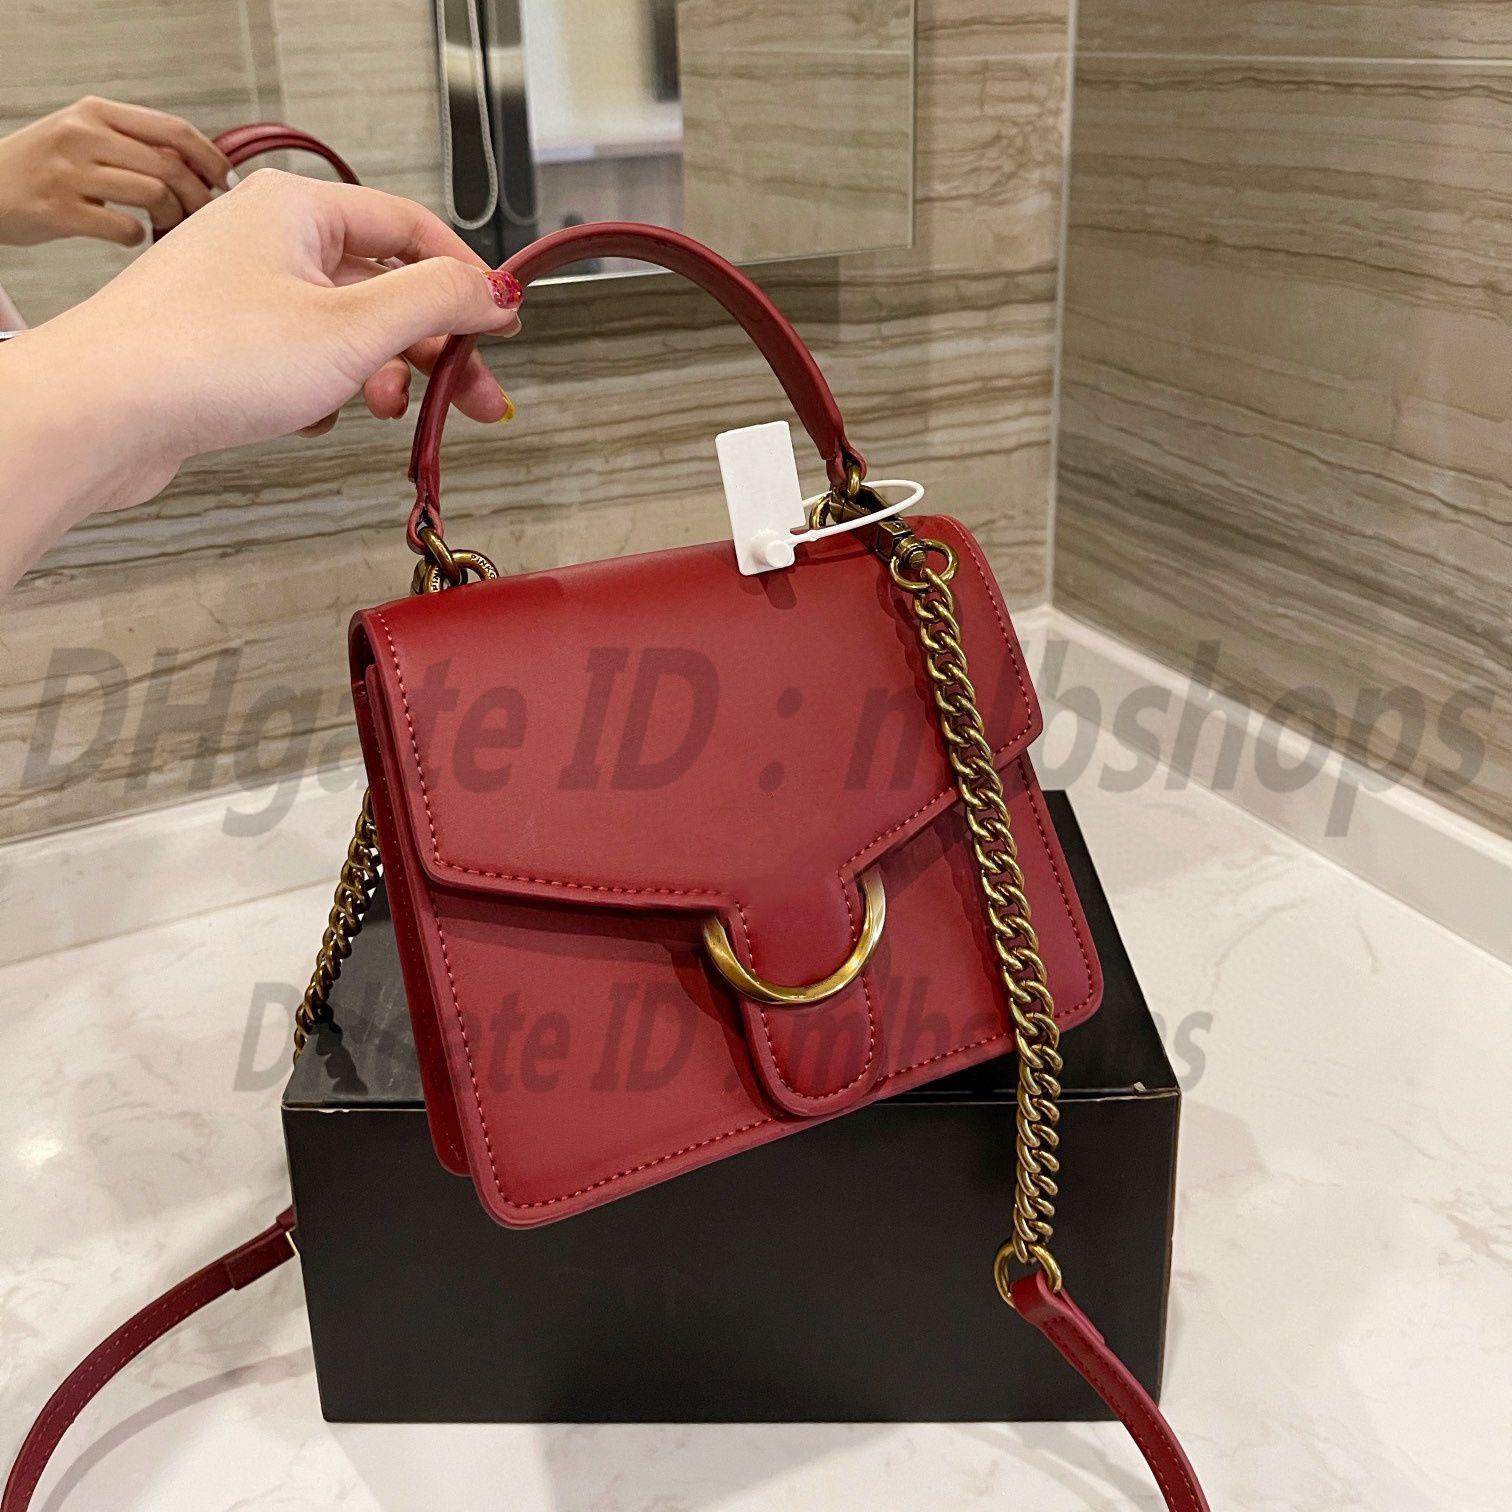 Mode Womens p luxurys designers sacs de bandoulière de qualité supérieure Hookbags en cuir véritable pochette Clutch classique Bag d'avaler 2021 sacs à main sacs à main les plus vendues